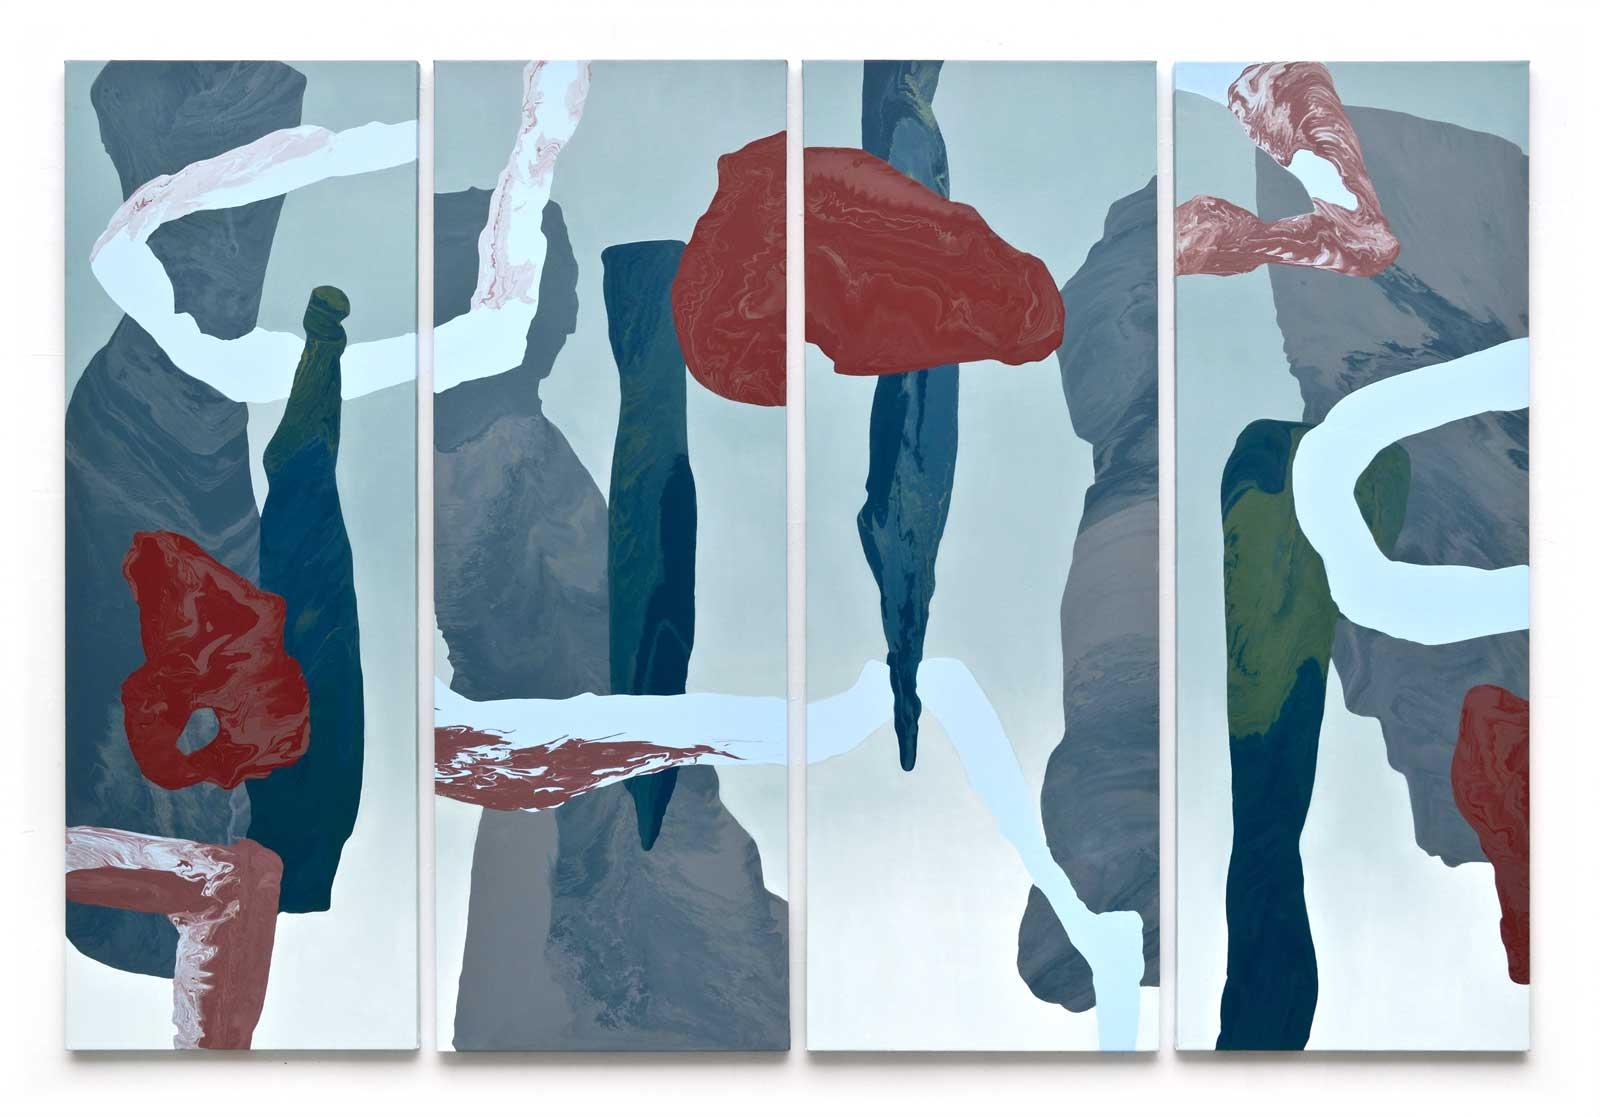 Sky-Matter-1-4-oil-canvas-157.48 cm x 231.14 cm.